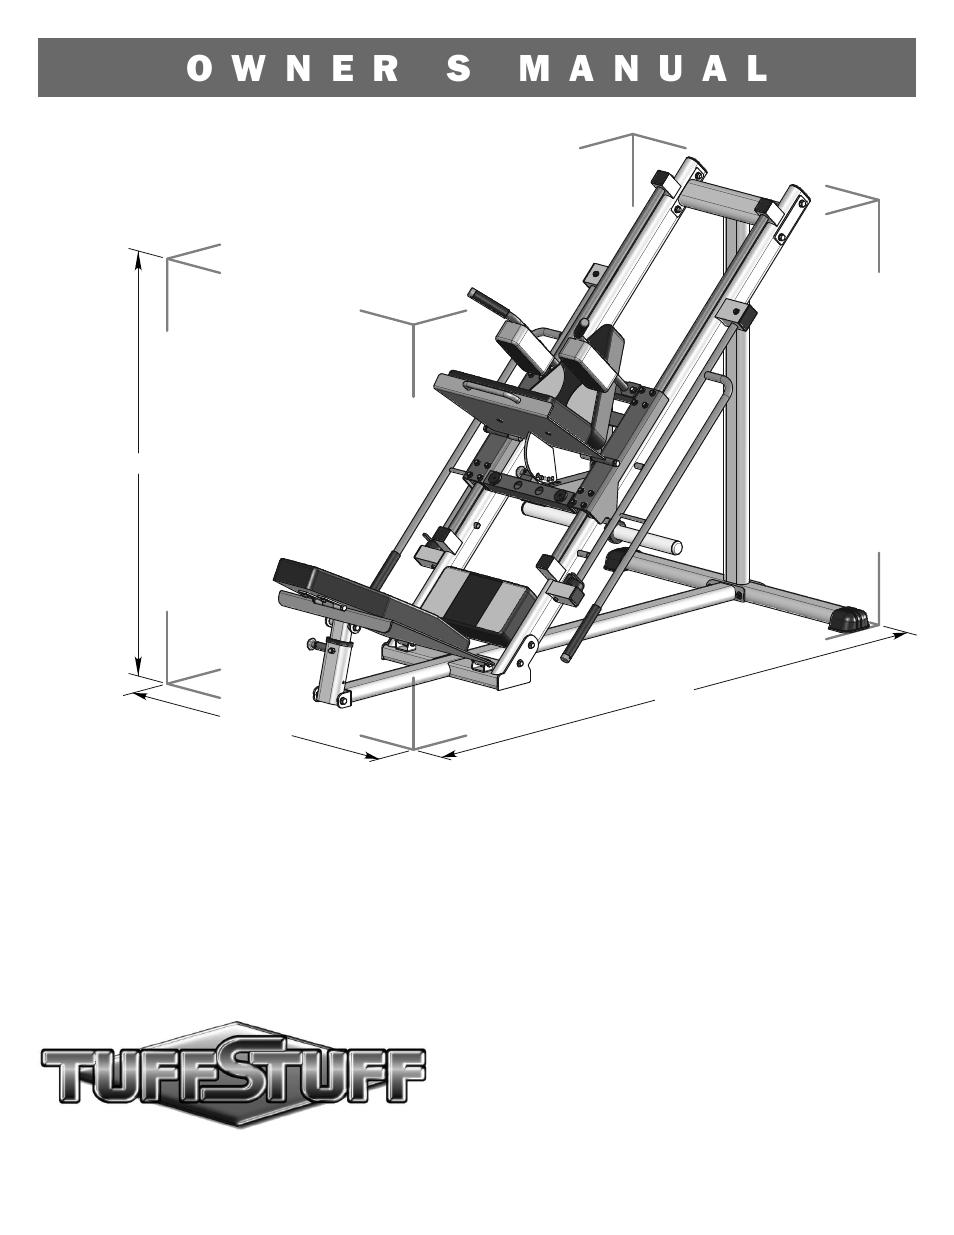 Tuff Stuff RLP-200 Leg Press/Hack Squat User Manual | 12 pages